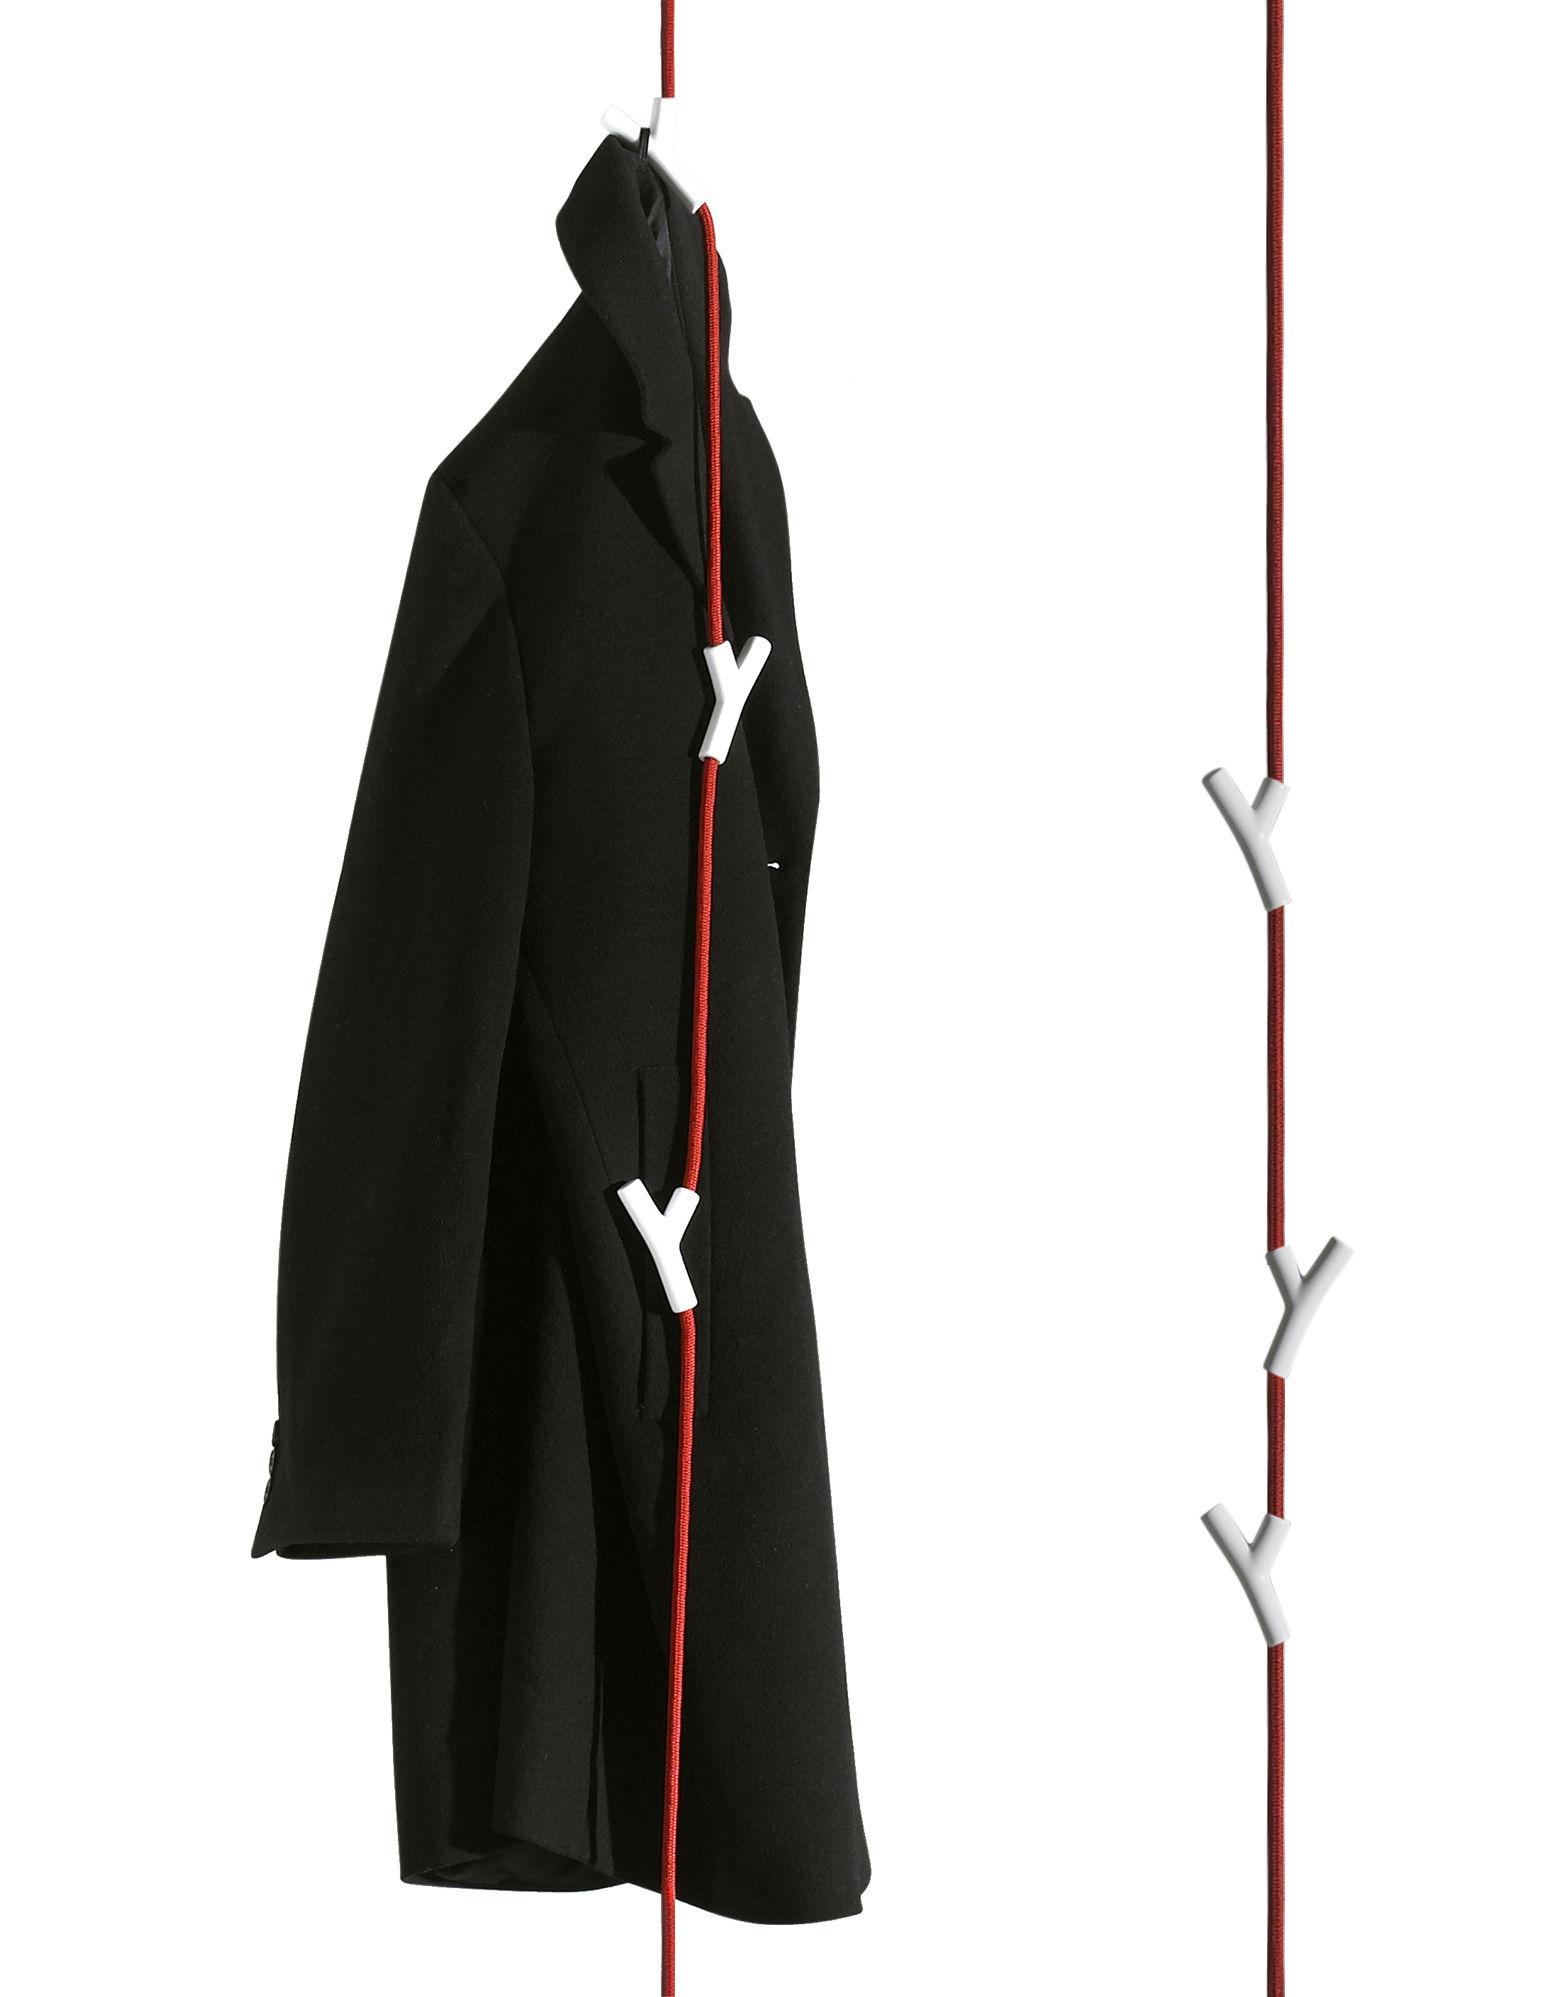 Mobilier - Portemanteaux, patères & portants - Portemanteau Wardrope corde 4 patères à suspendre - Authentics - Corde rouge / Patères blanches - Acier, Polyamide, Zinc